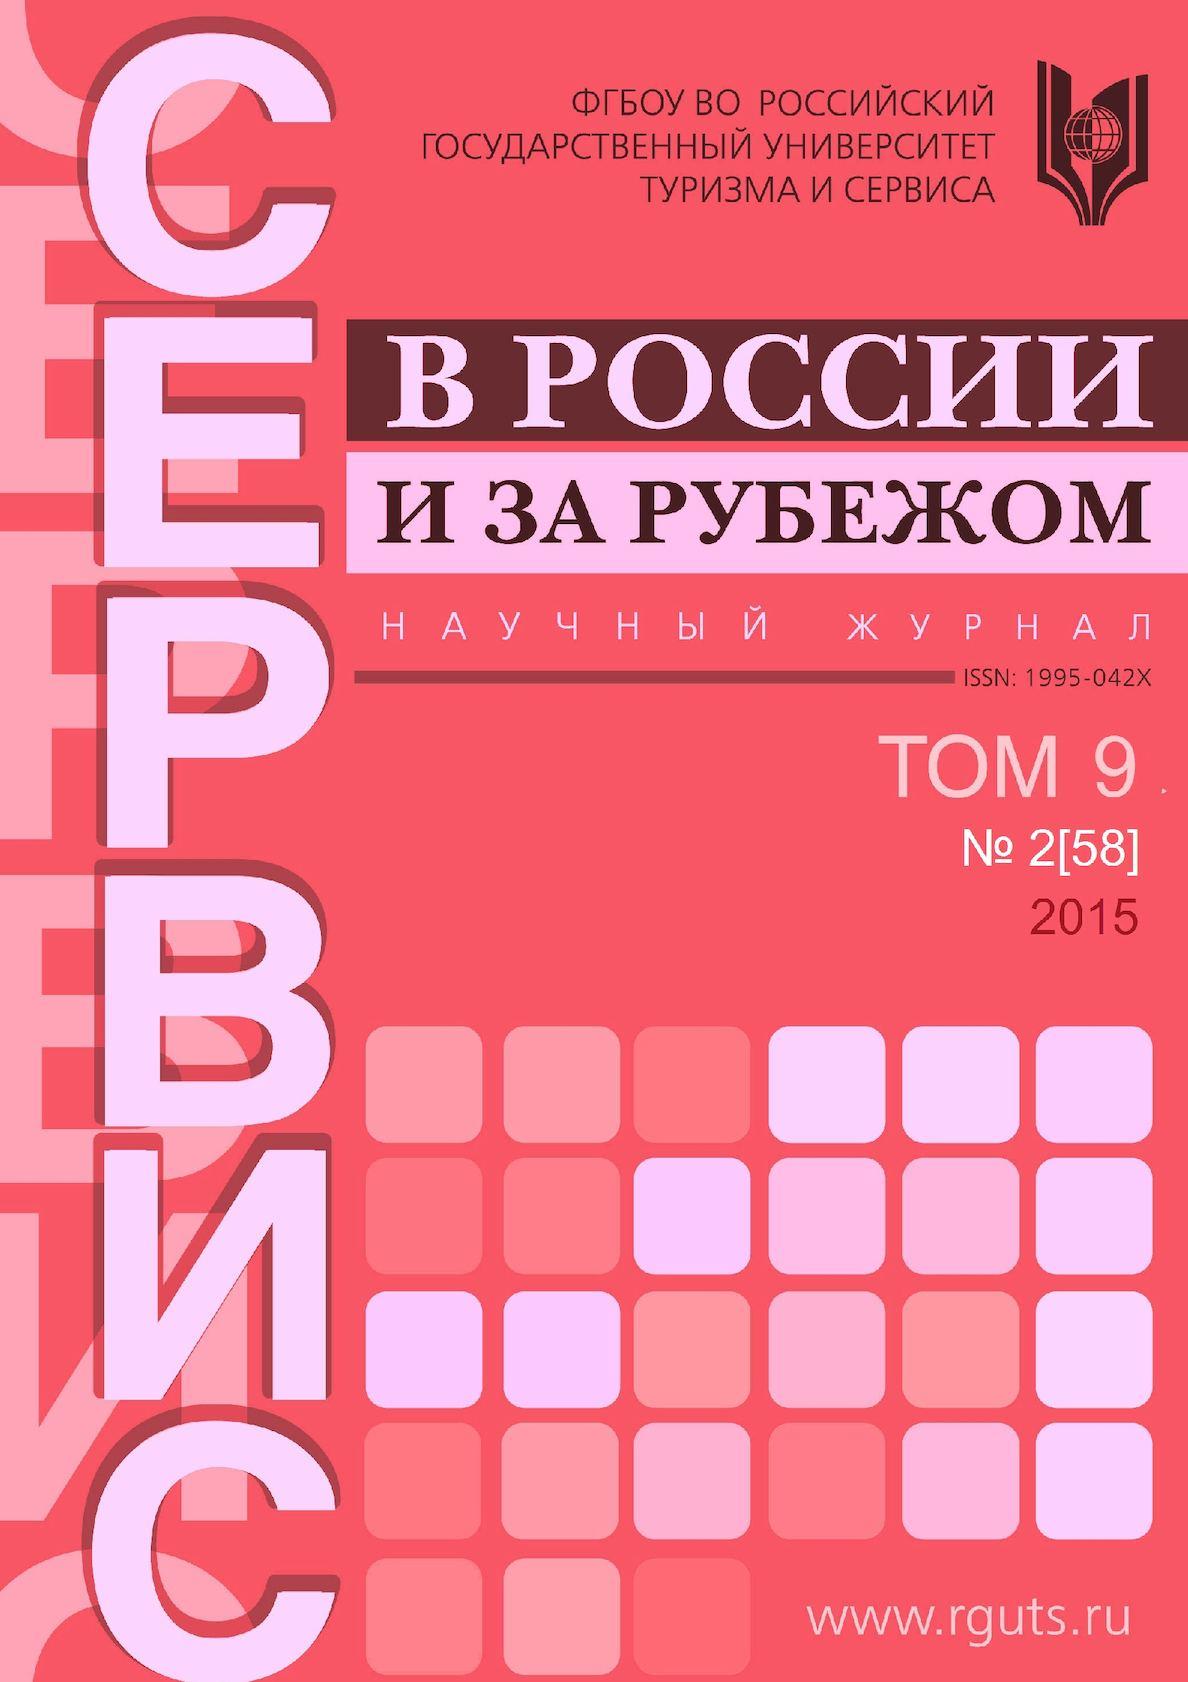 Трудовой договор для фмс в москве Сыромятнический 2-й переулок исправить кредитную историю Курганская улица